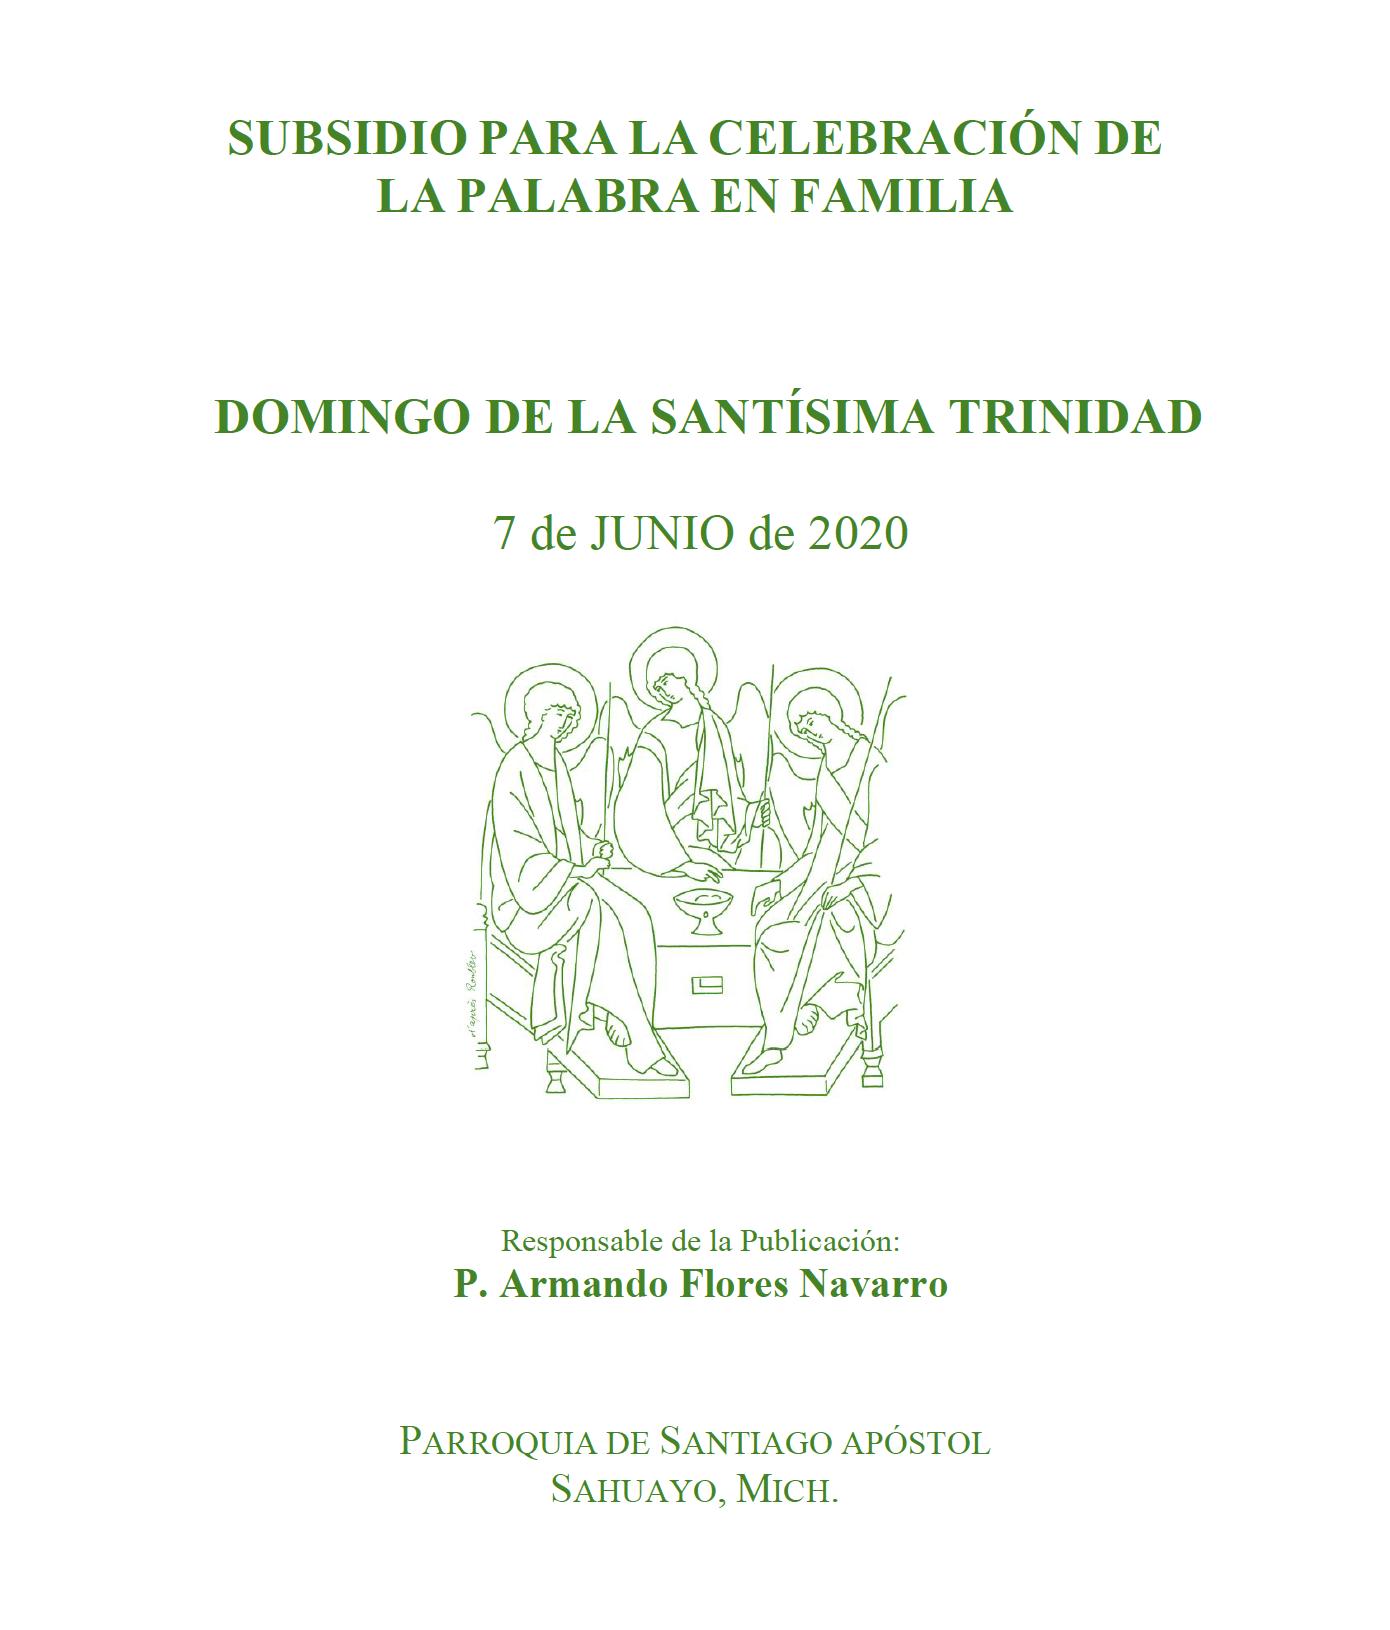 Portada Subsidio Domingo Santísima Trinidad 7 junio 2020